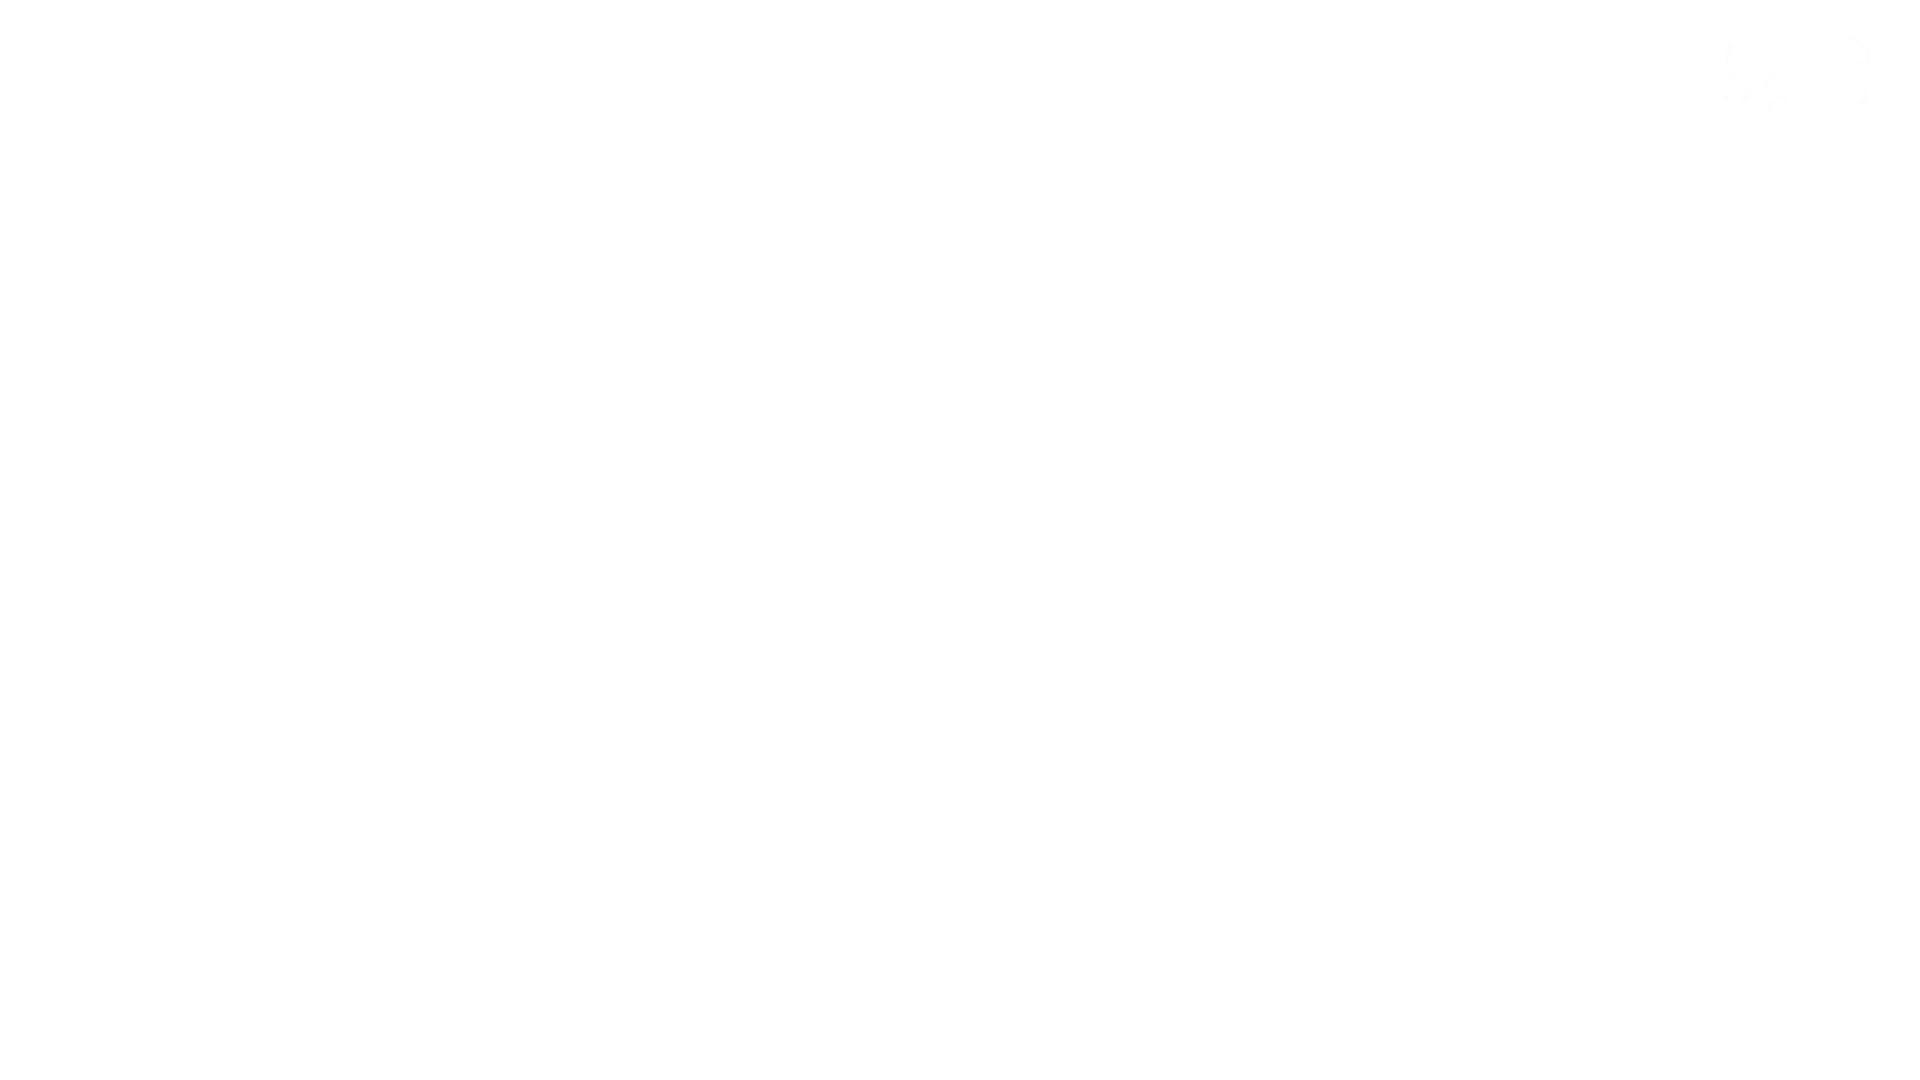 至高下半身盗撮-PREMIUM-【院内病棟編 】 vol.03 独占盗撮 | ナース編  98連発 77